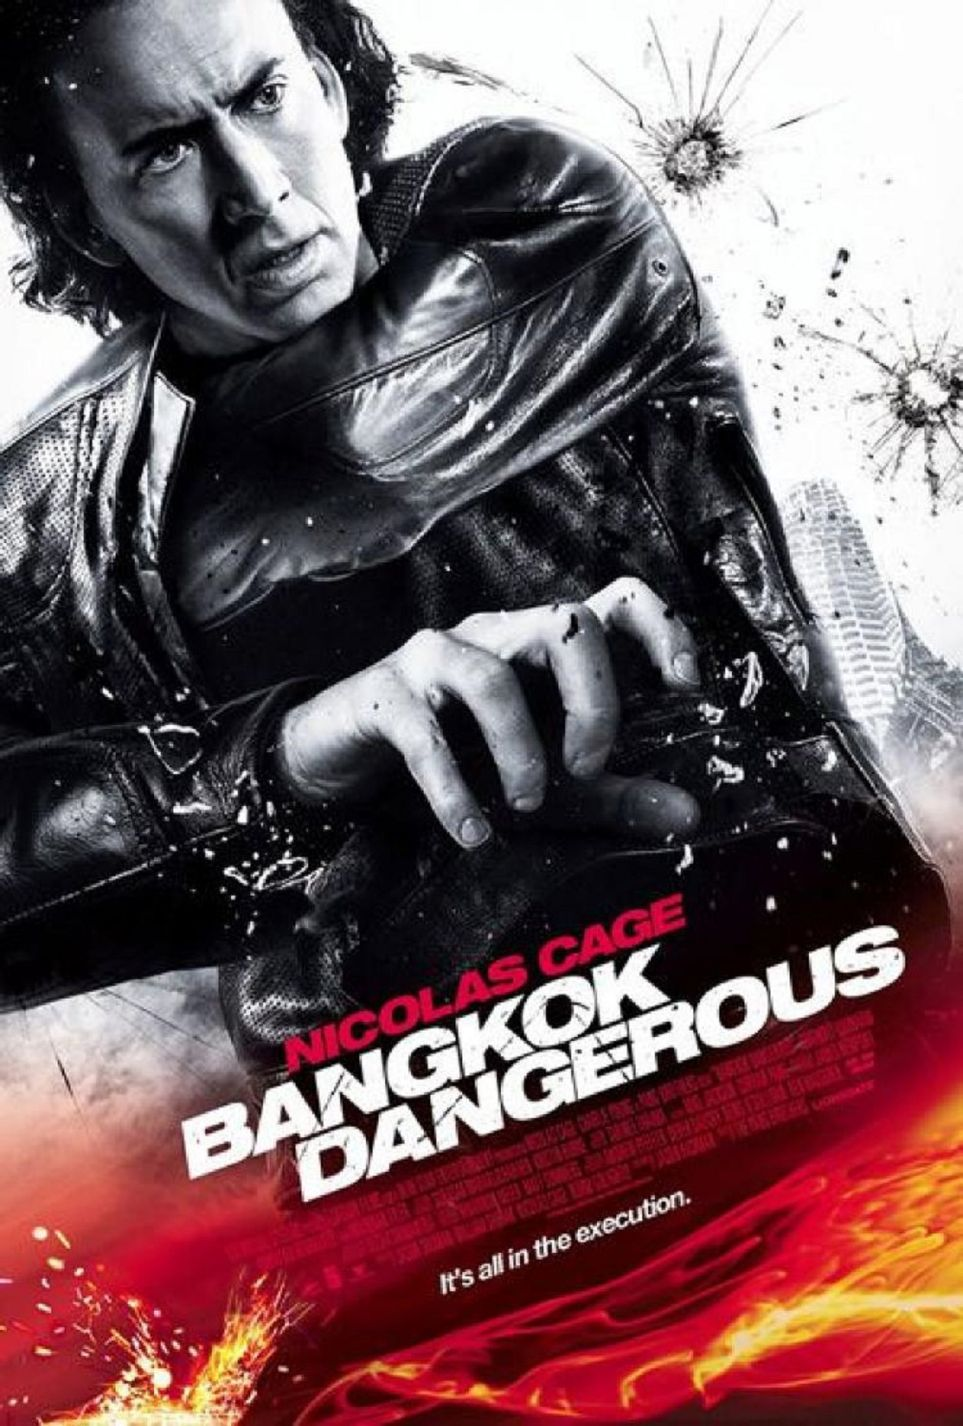 Best Poster ?-bangkok-dangerous-movie-poster-mistake-jpg